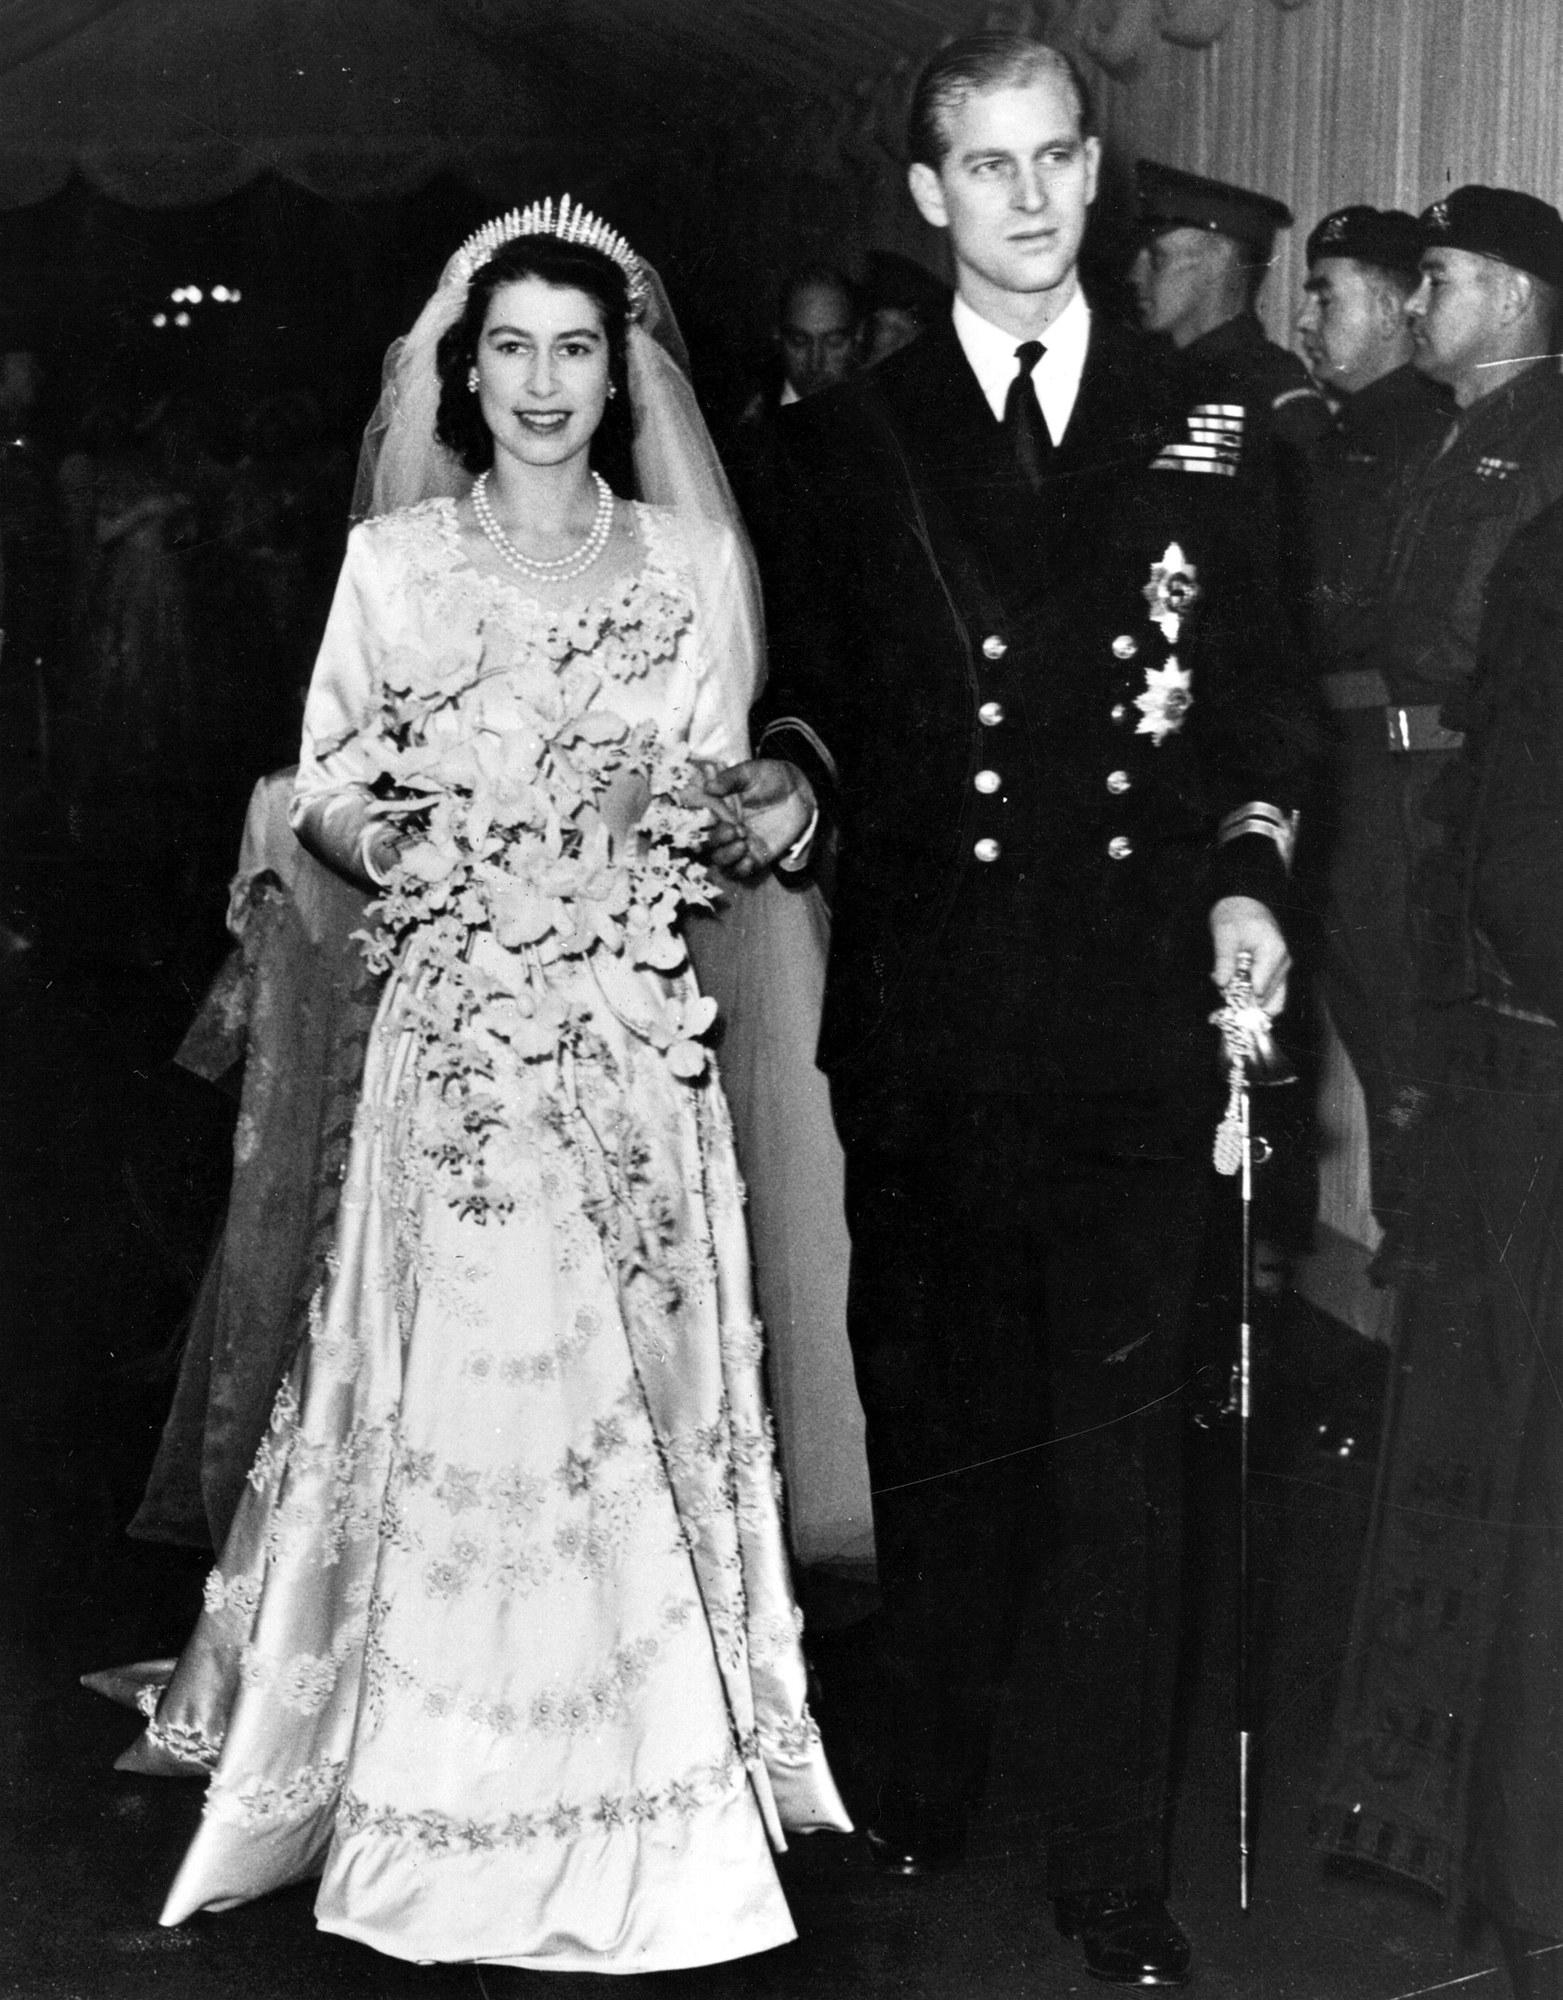 Erzsébet és Fülöp esküvője, 1947. november 20. Forrás: Getty Images